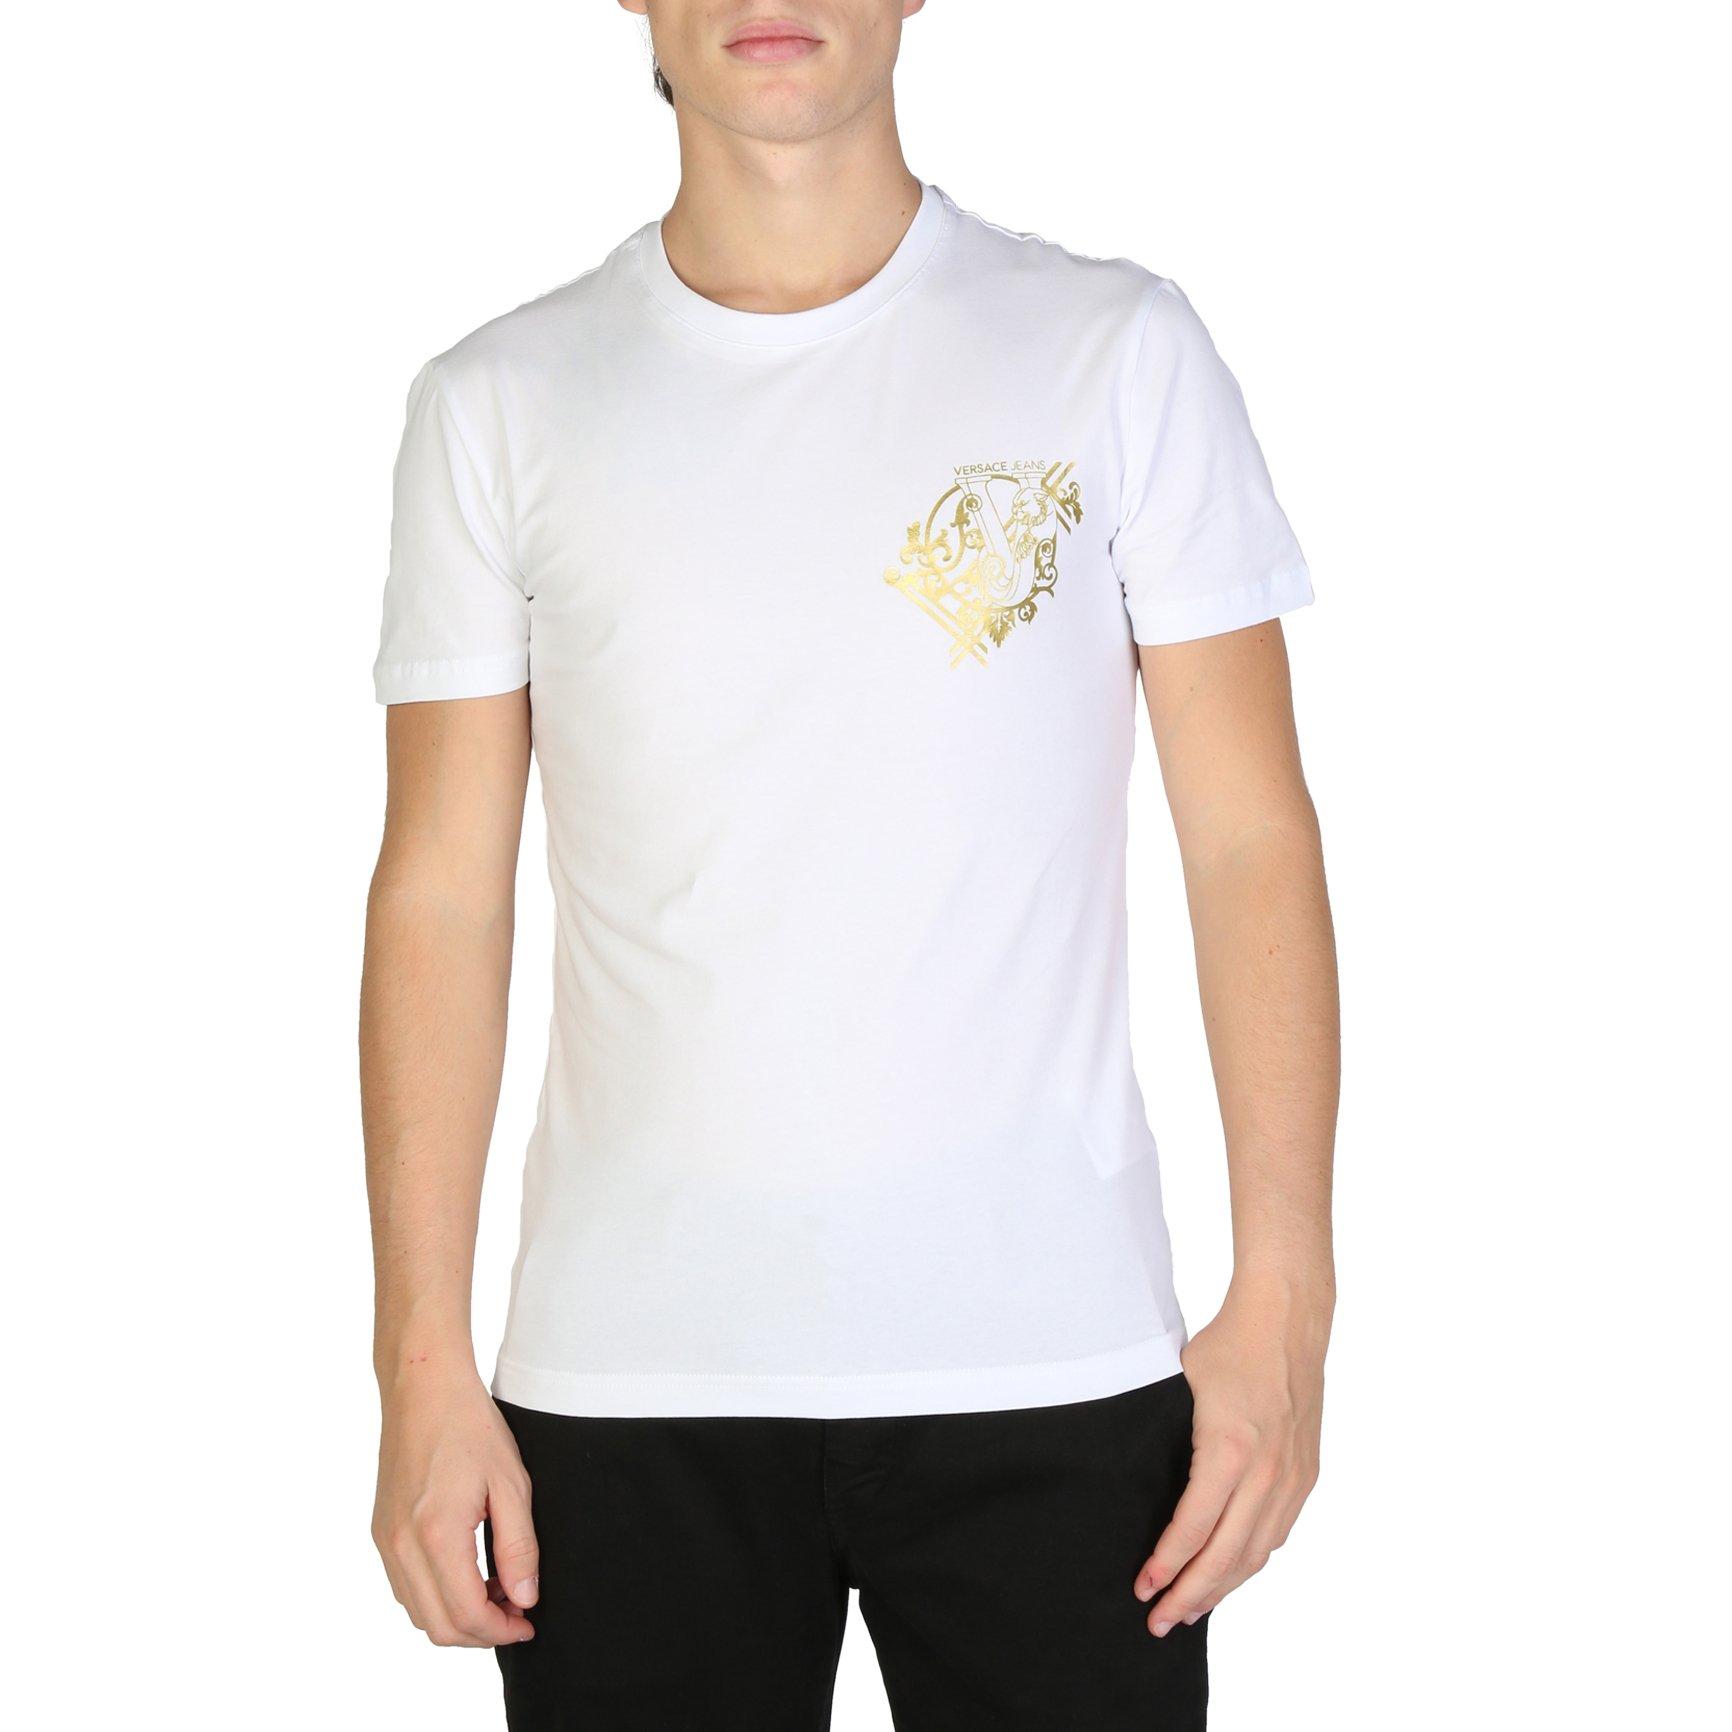 Versace Jeans Versace Jeans Jeans Logo T Shirt